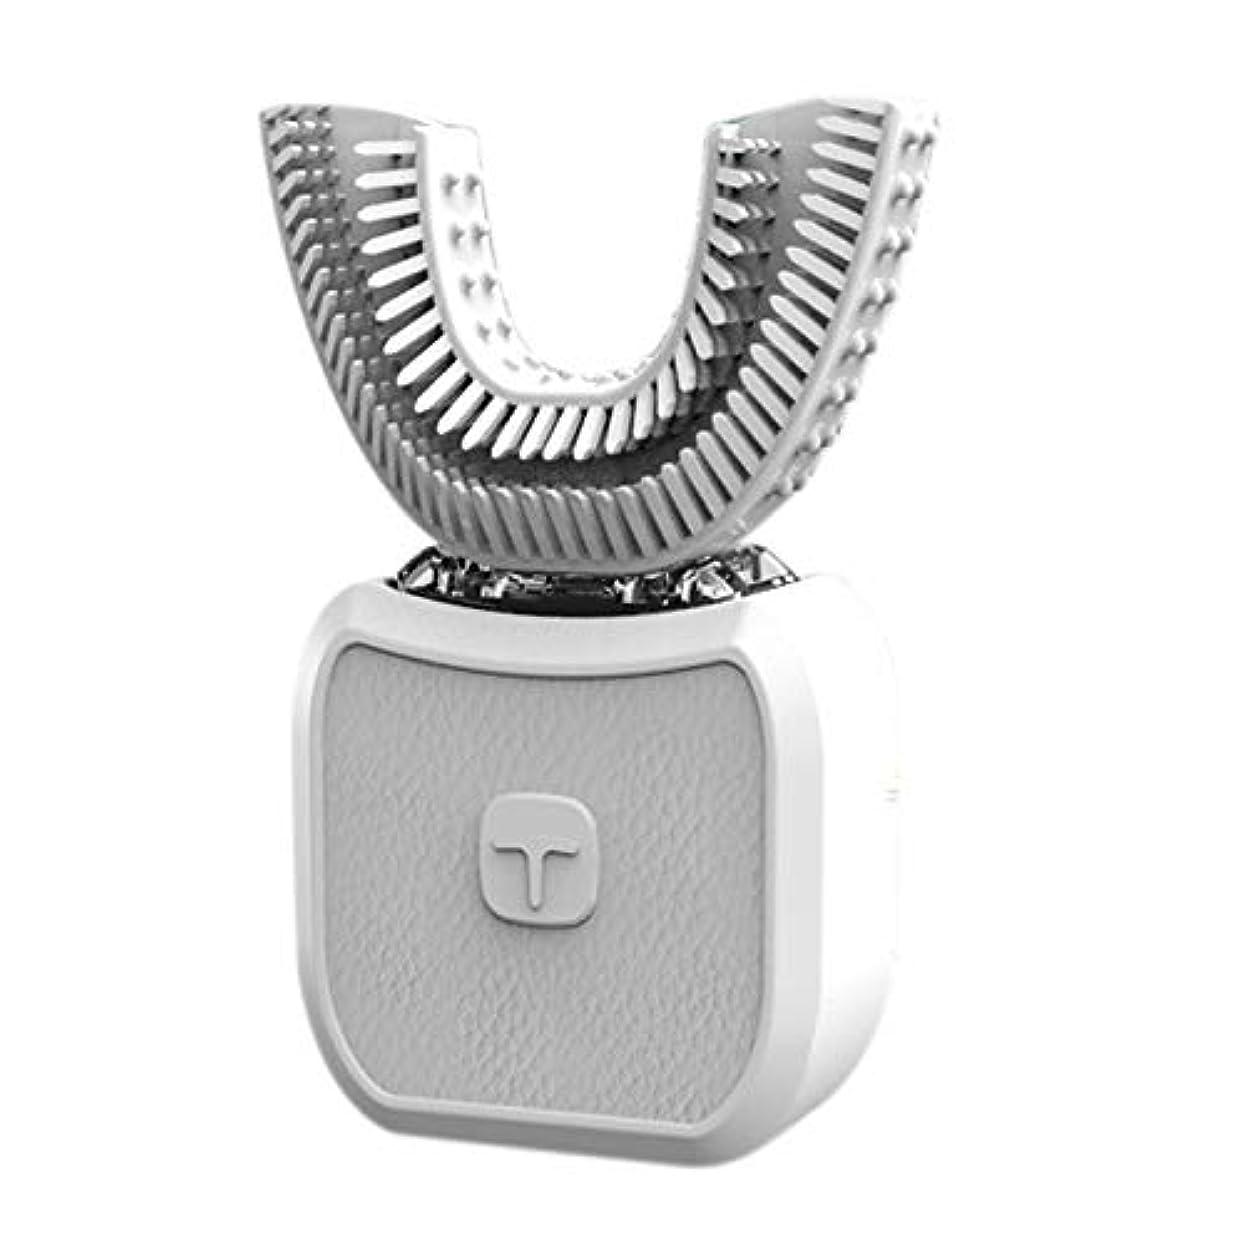 シャーロックホームズゴージャスいらいらさせるフルオートマチック可変周波数電動歯ブラシ、自動360度U字型電動歯ブラシ、ワイヤレス充電IPX7防水自動歯ブラシ(大人用),White